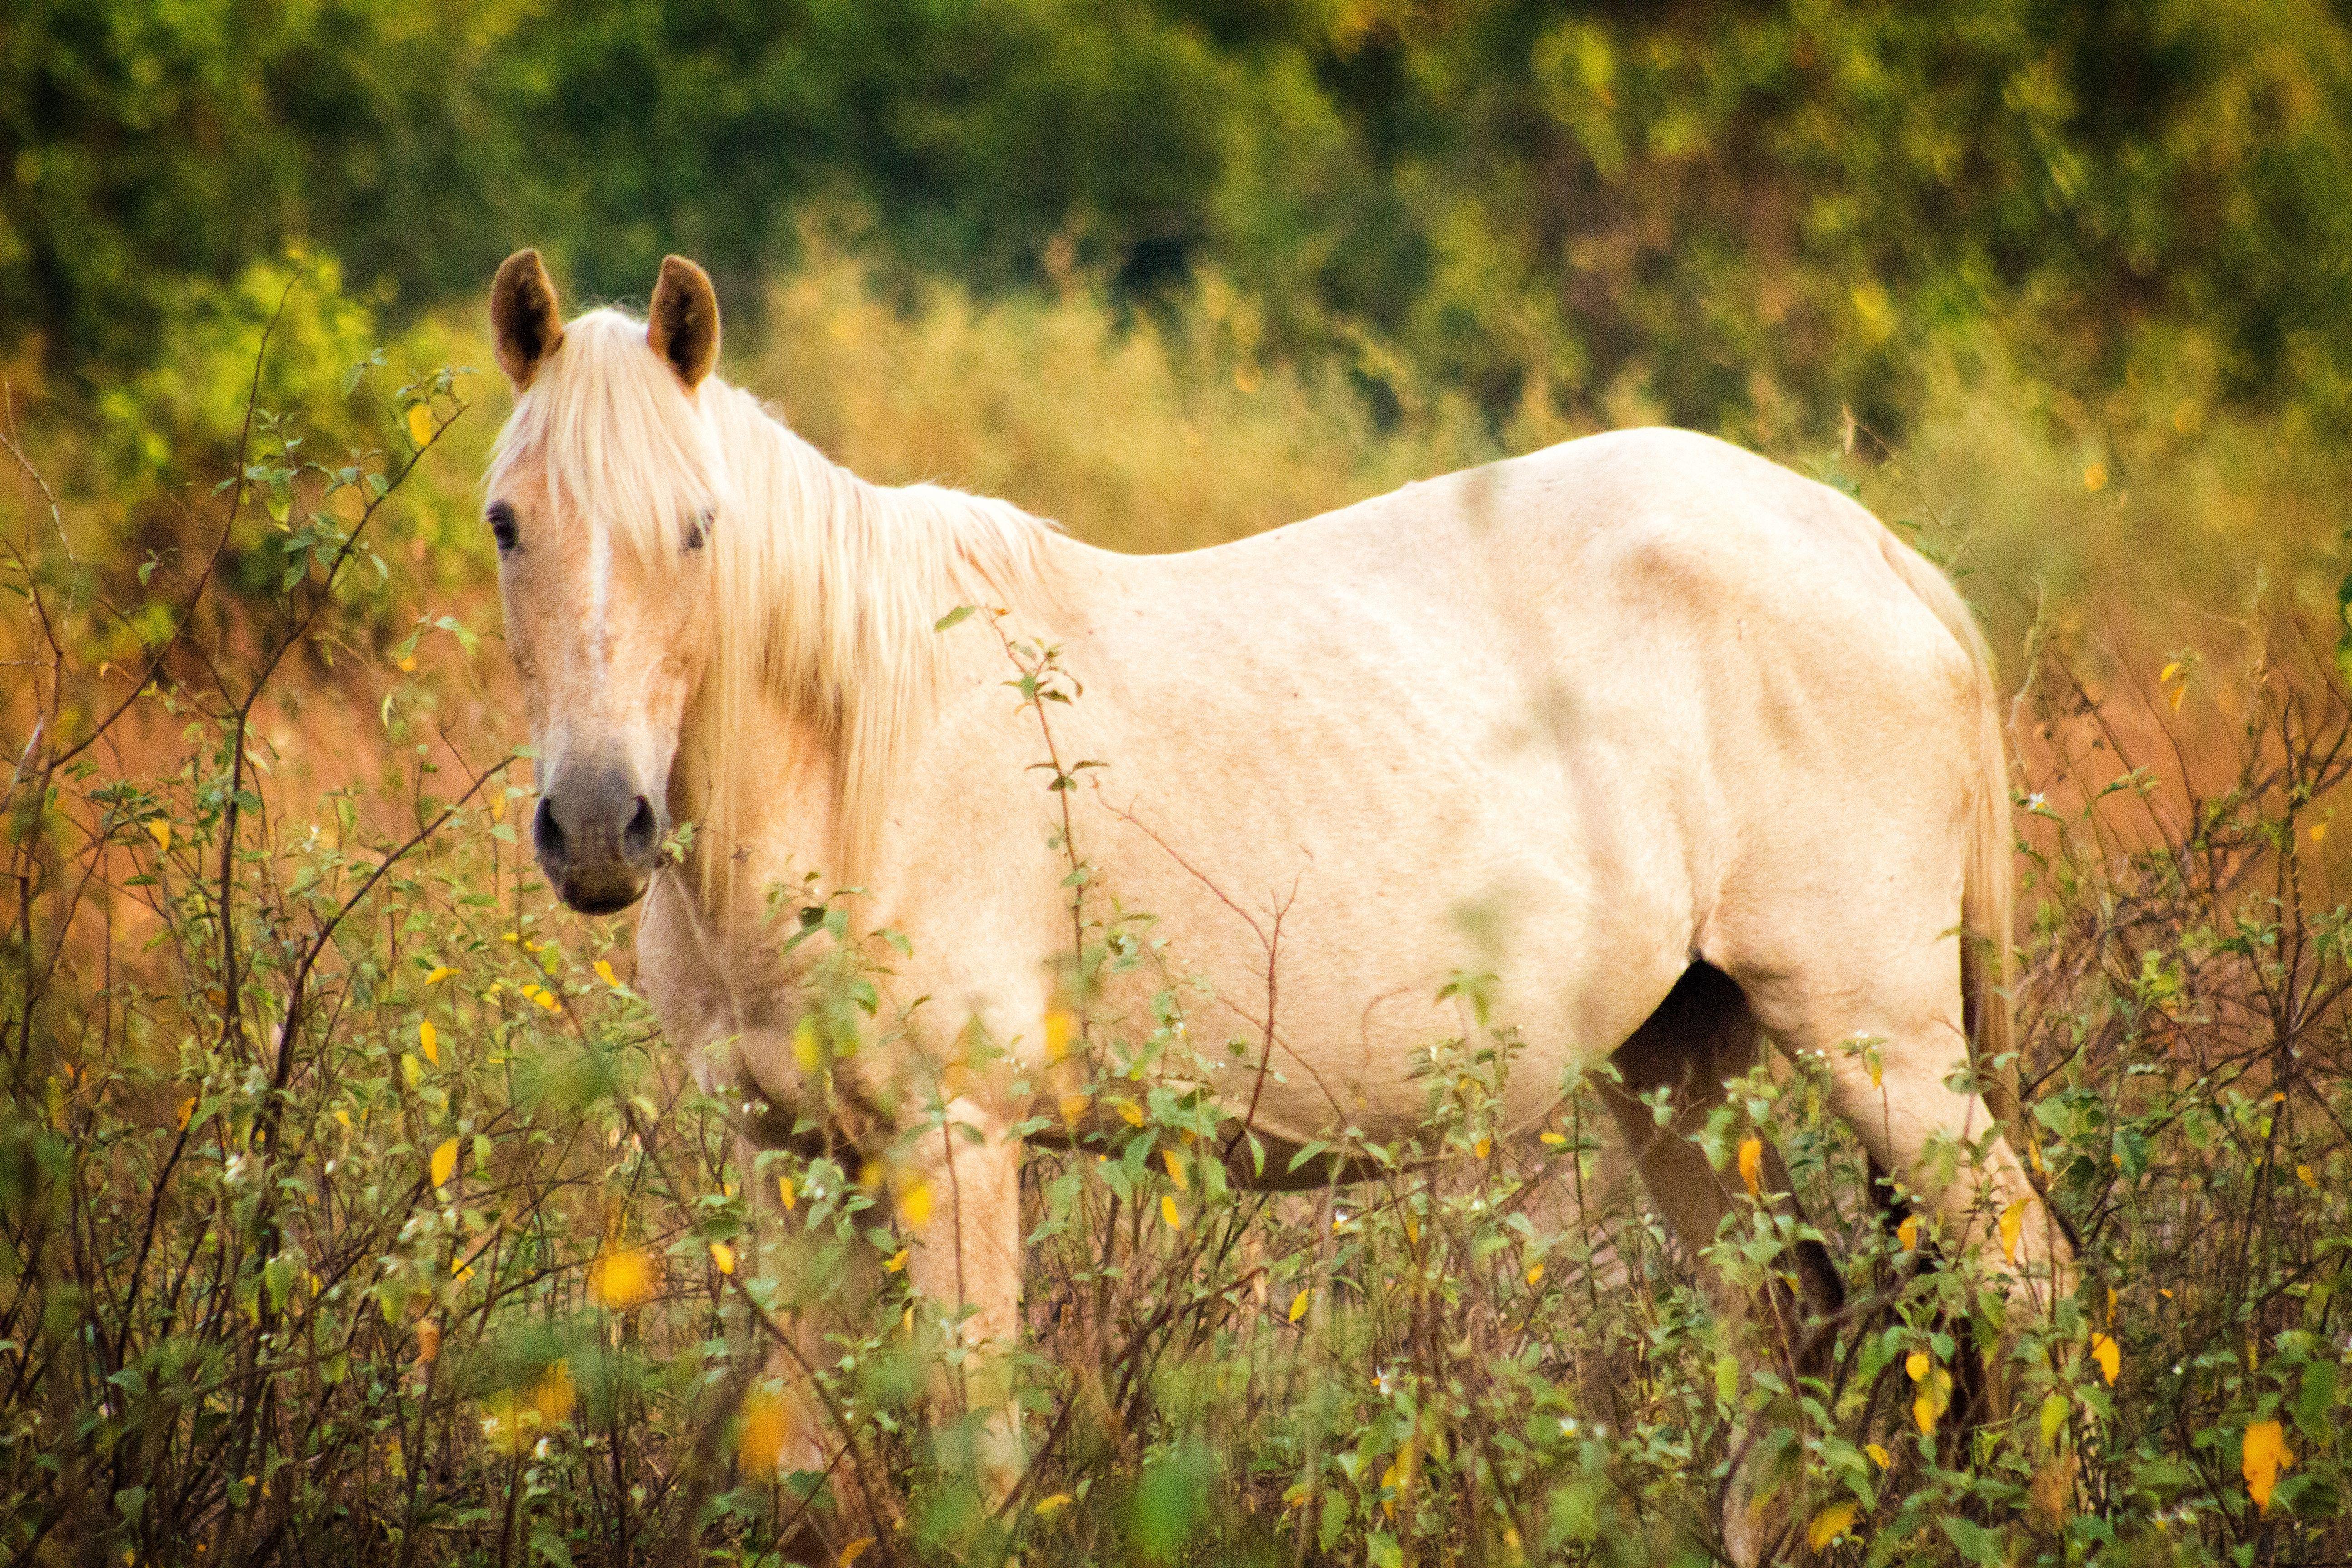 Criollo Aus Bett Buffet Europaletten Hotel Kaufen Kuche Palma Puro In 2020 Lebensmotto Kurz Europaletten Kaufen Pferde Rassen